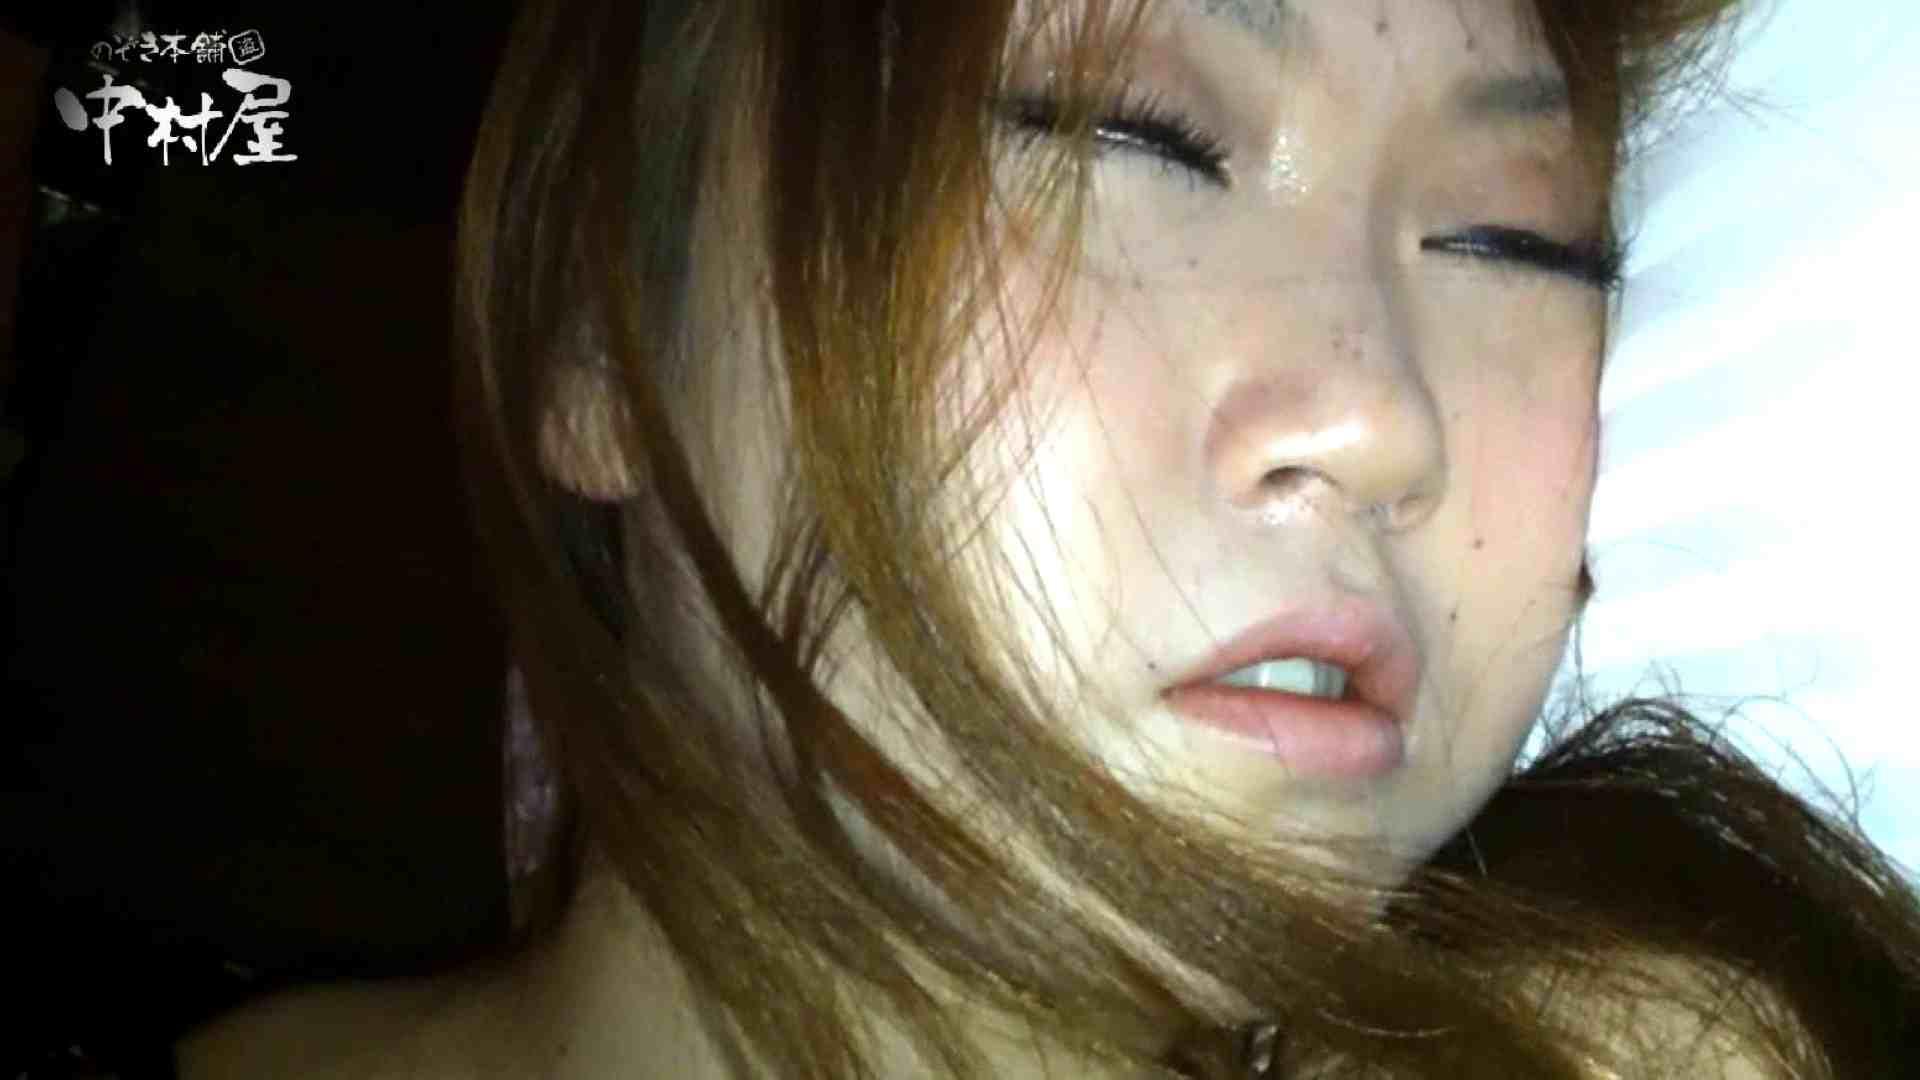 欲望 リアルドール Case.12 Sちゃん現役女子大生19歳 後編 イタズラ動画 ヌード画像 104PIX 50